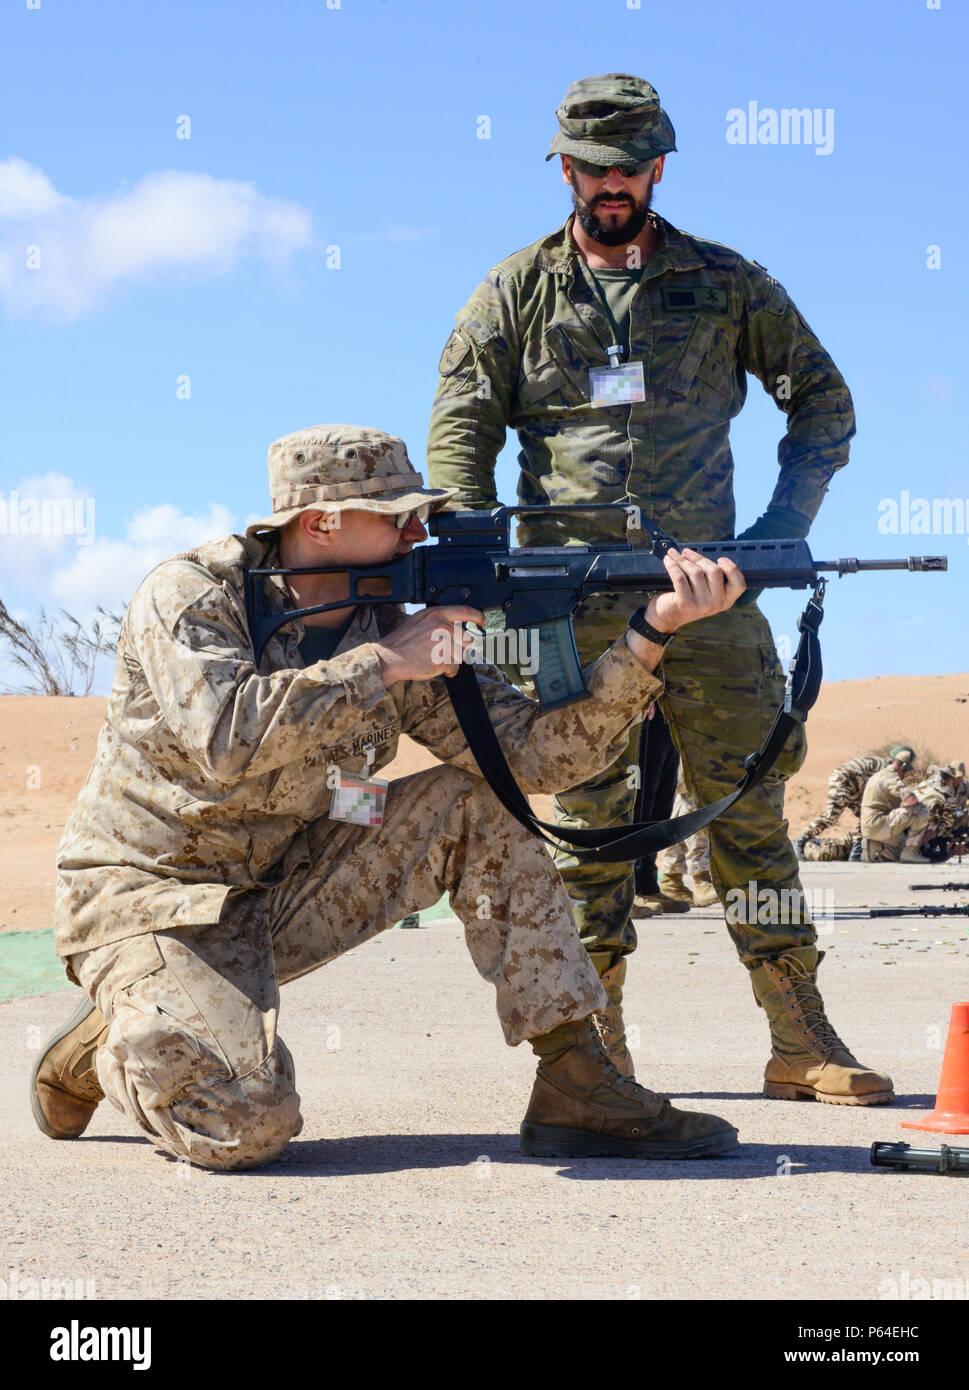 Relojes Los De Española Un Soldado Legión Una Marina La dCtrhQs